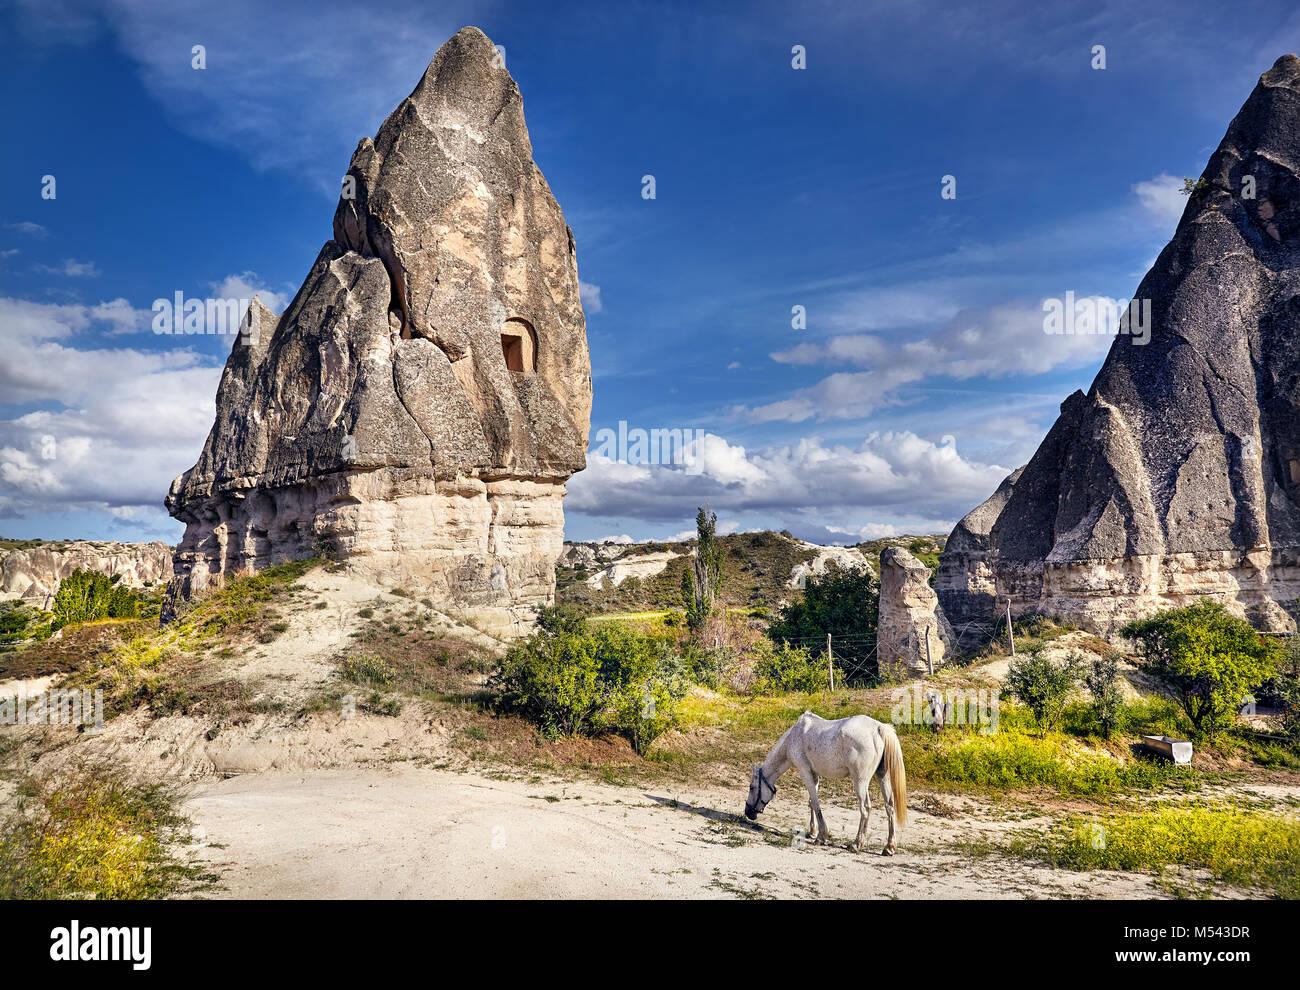 White Horse in der Nähe von Tuffstein geologische Formation mit Windows namens Feenkamine in Kappadokien, Türkei Stockbild